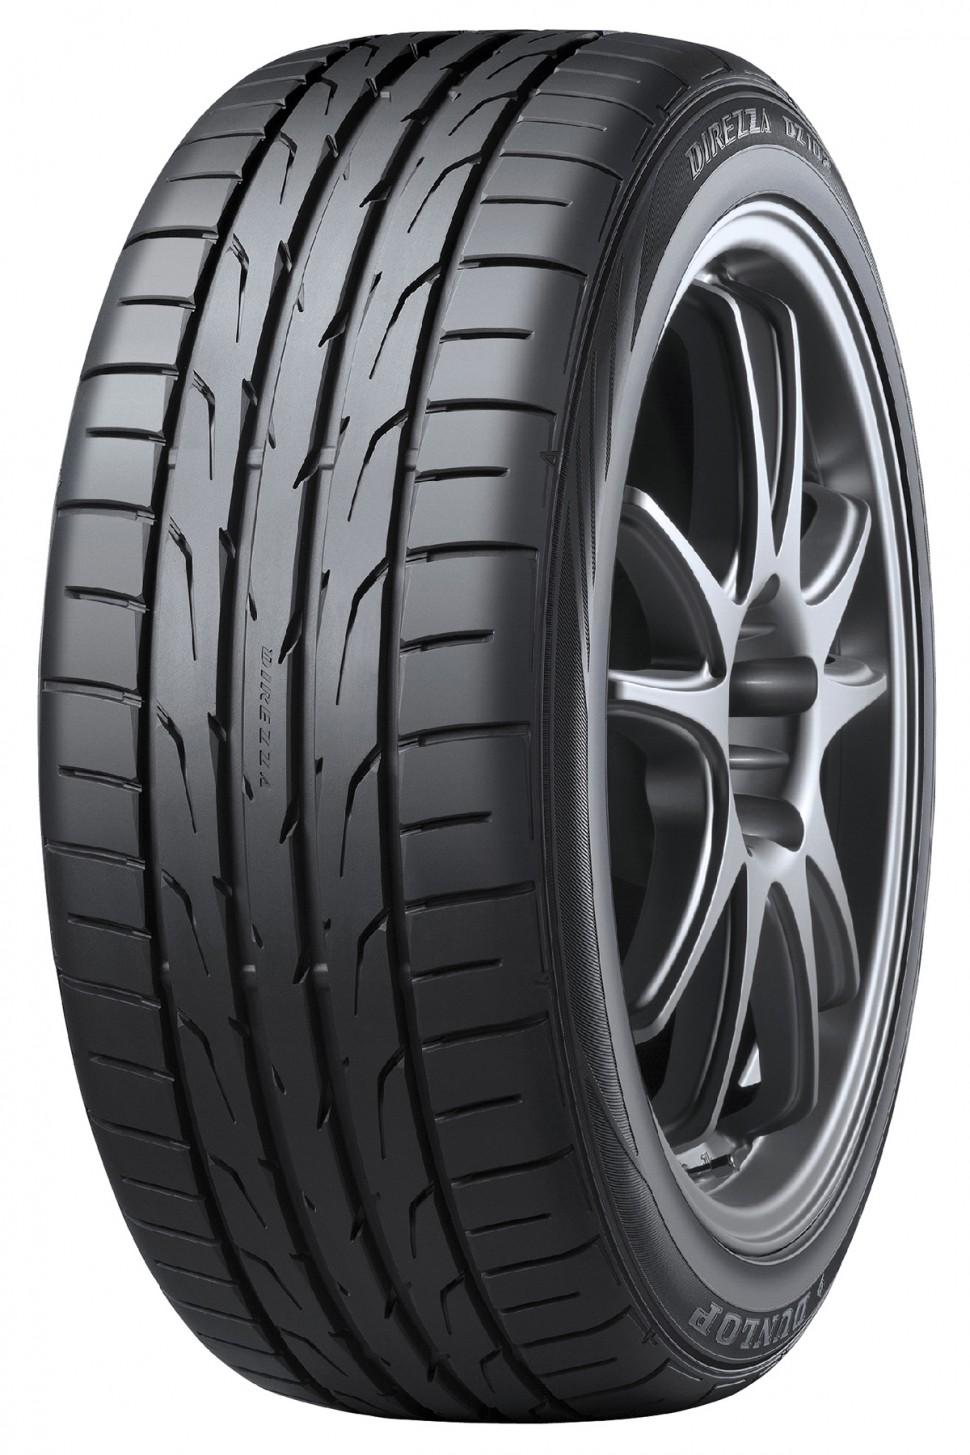 автомобильные шины Dunlop Direzza DZ102 205/50 R17 93W